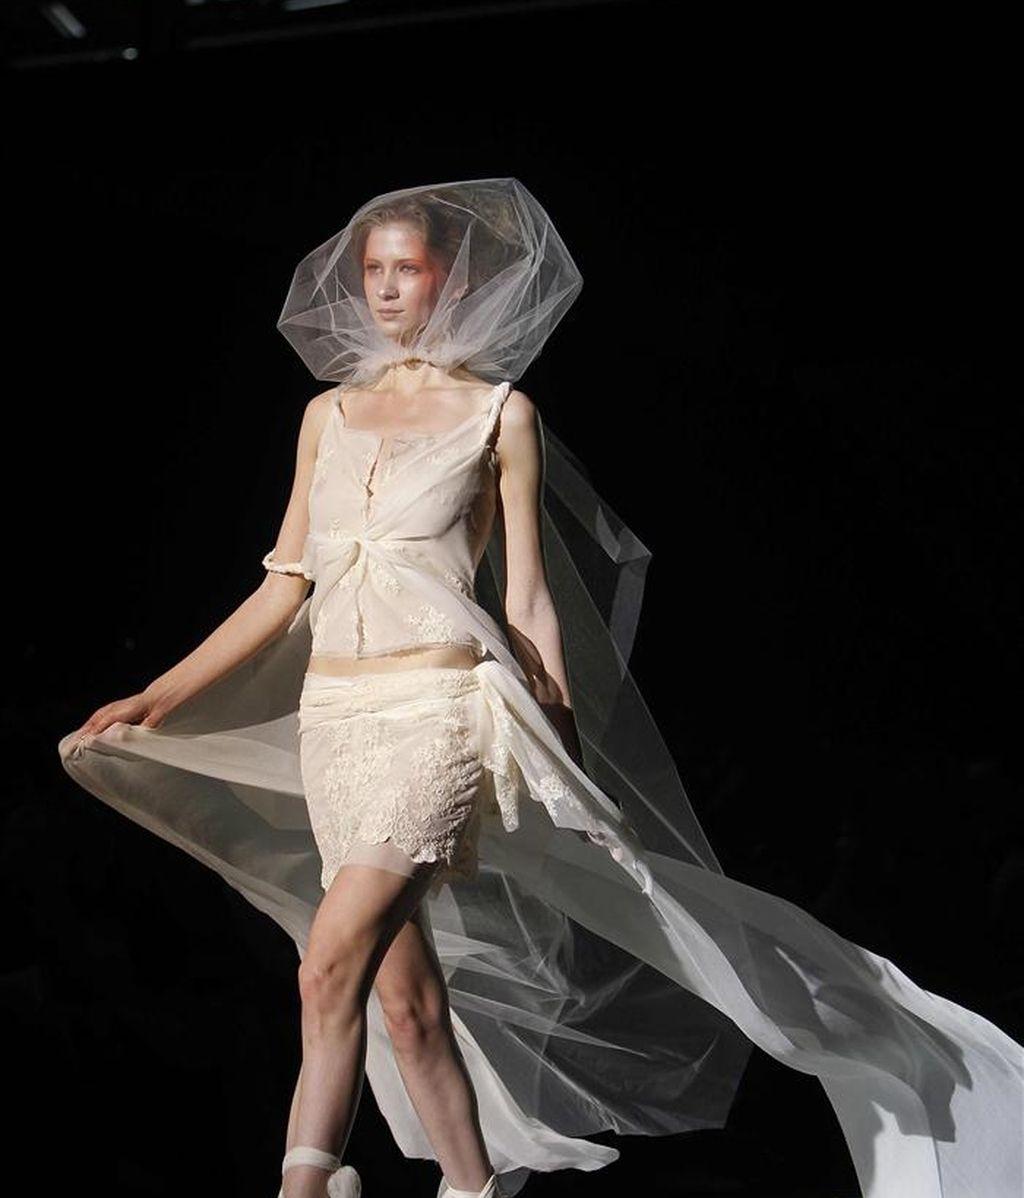 Una modelo nos muestra un vestido nupcial del diseñador Raimon Bundo, durante el pase de su colección esta mañana en la tercera jornada de la Pasarela Gaudí Novias que se celebra en Barcelona. EFE